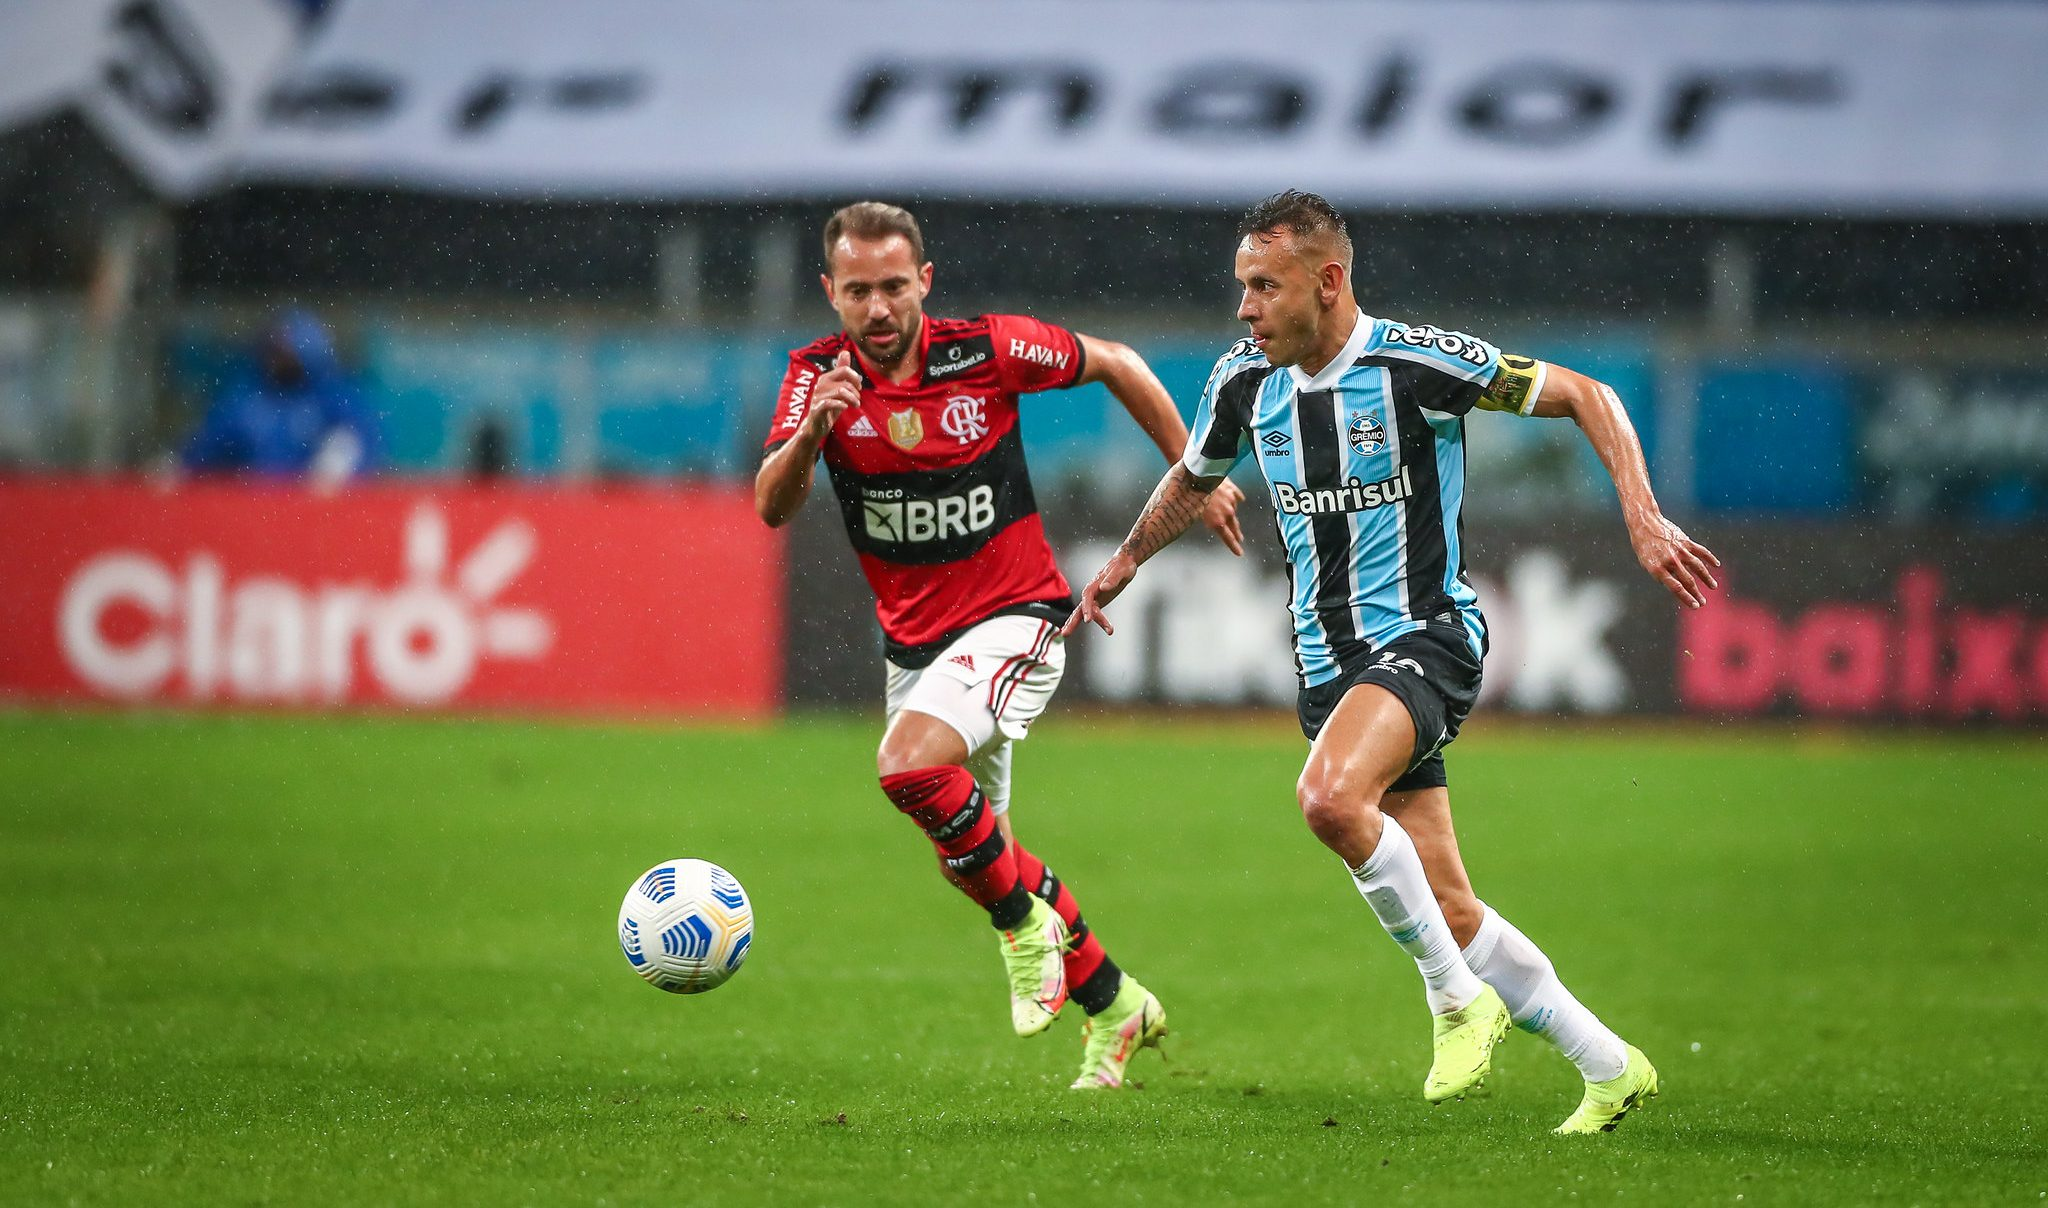 Foto: Lucas Uebel/Grêmio FBPA - Divulgção: #scctv.net.br